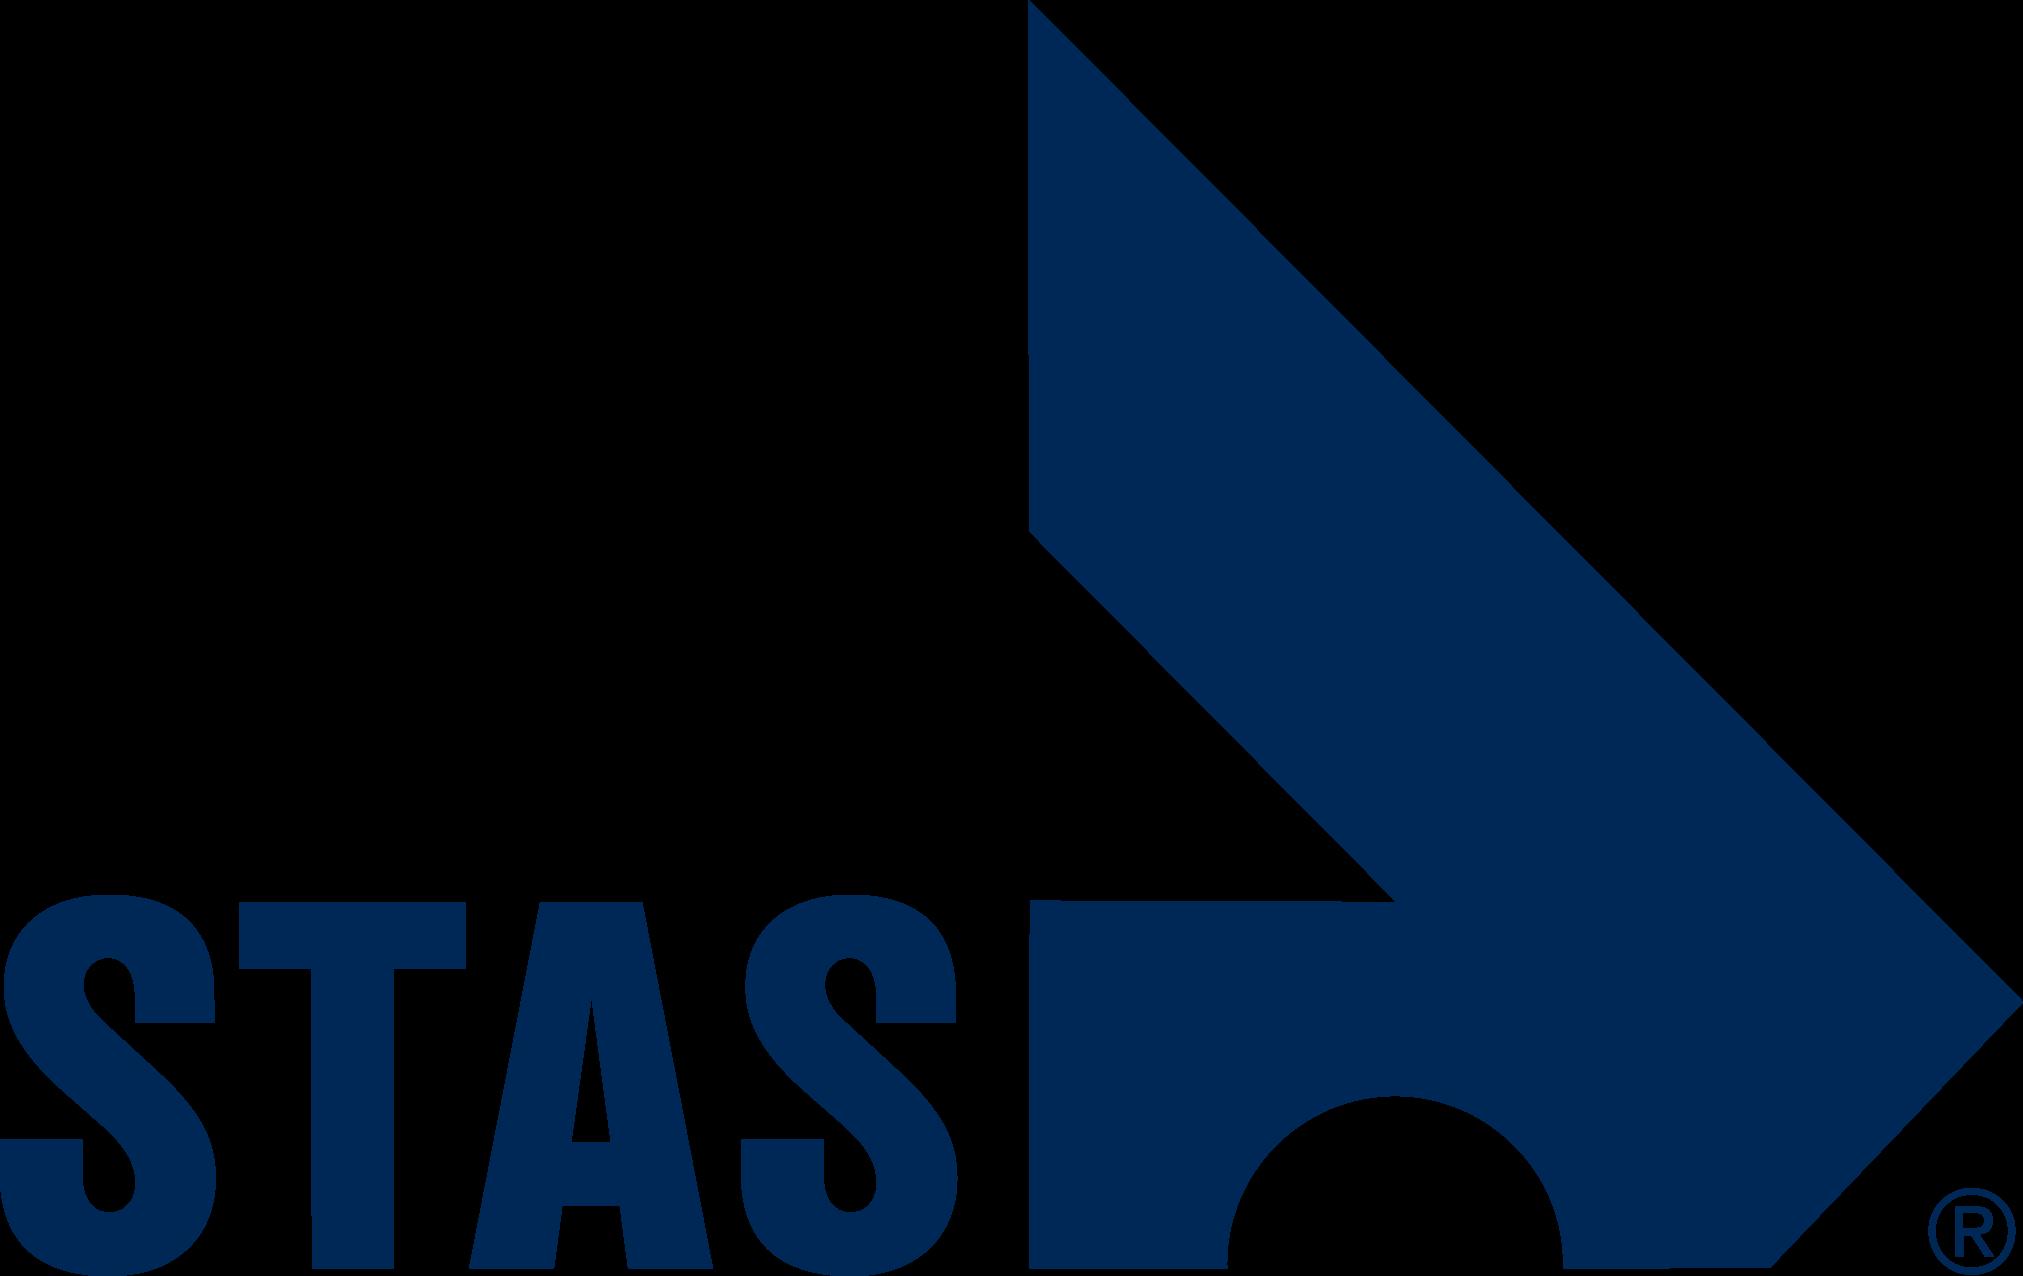 Logo_STas